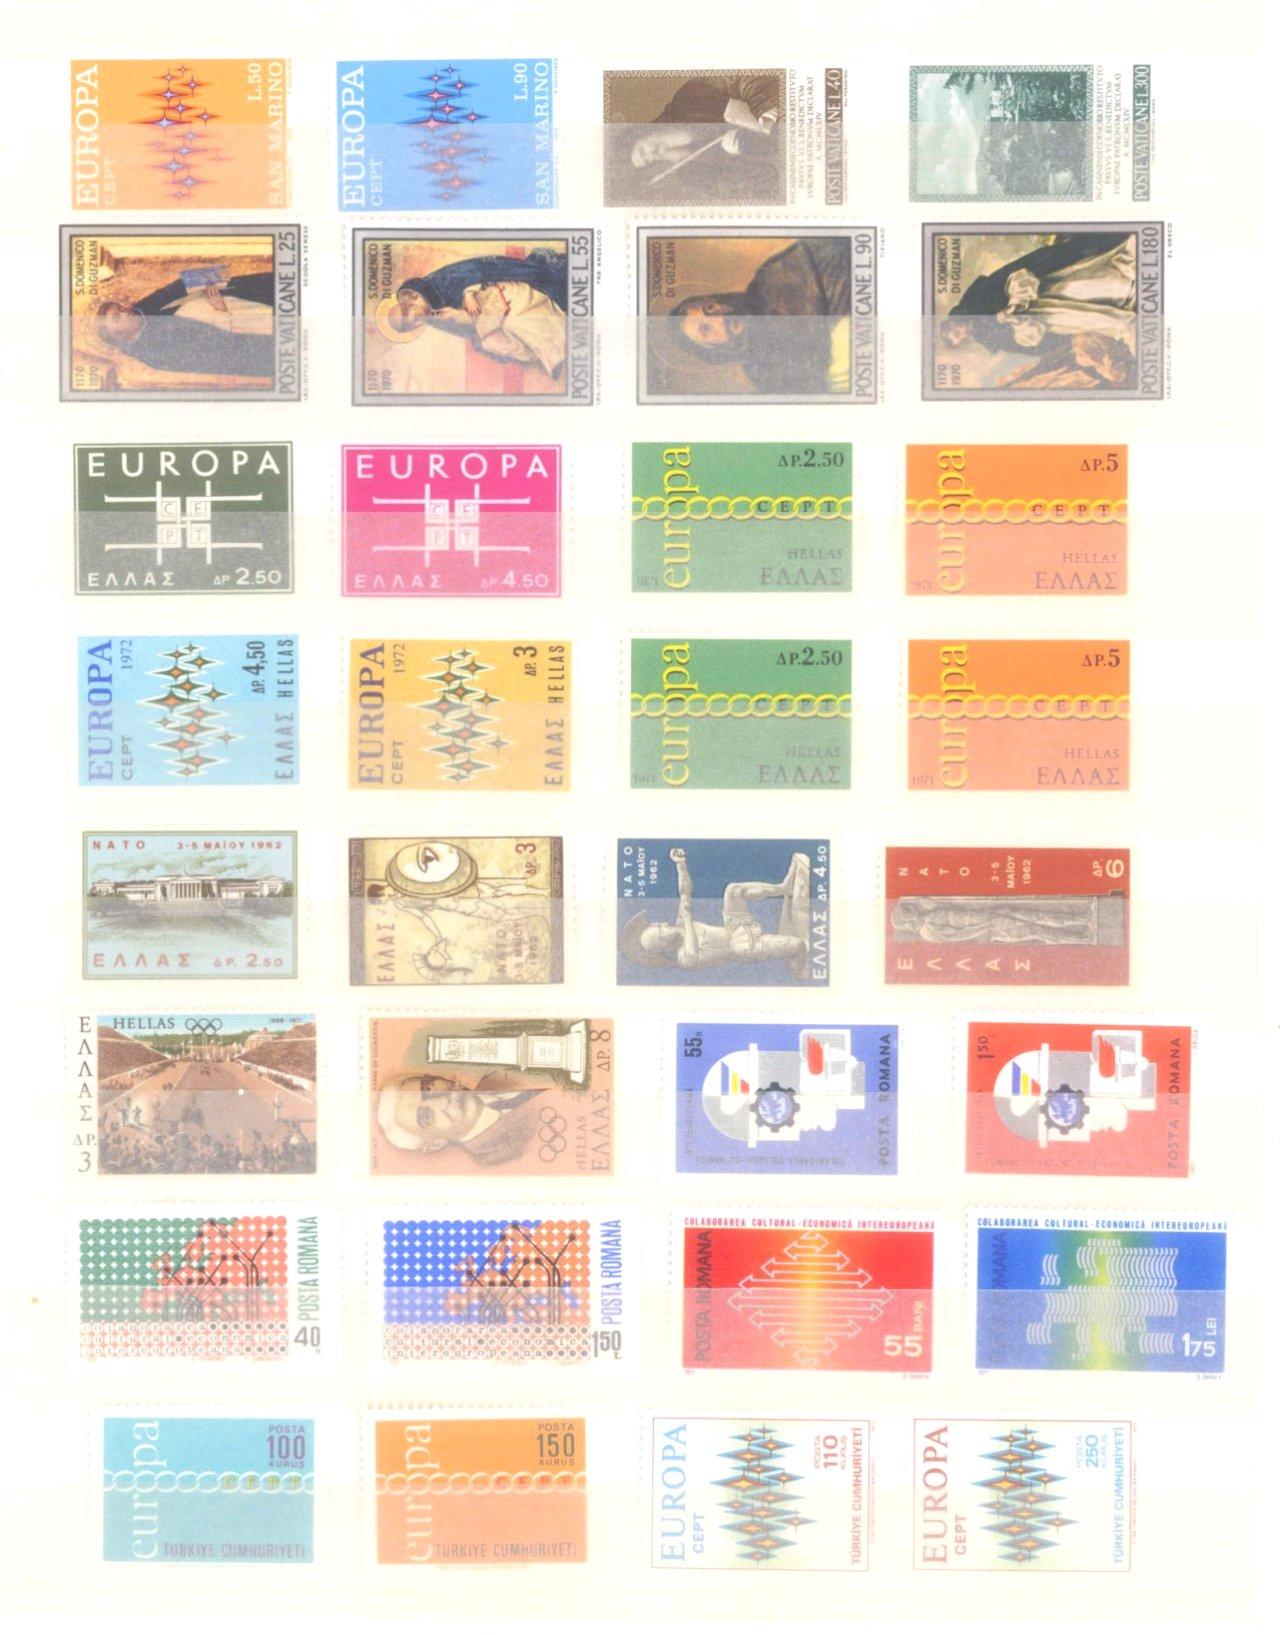 EURROPA CEPT mit SPANISCH – ANDORRA 1972-10